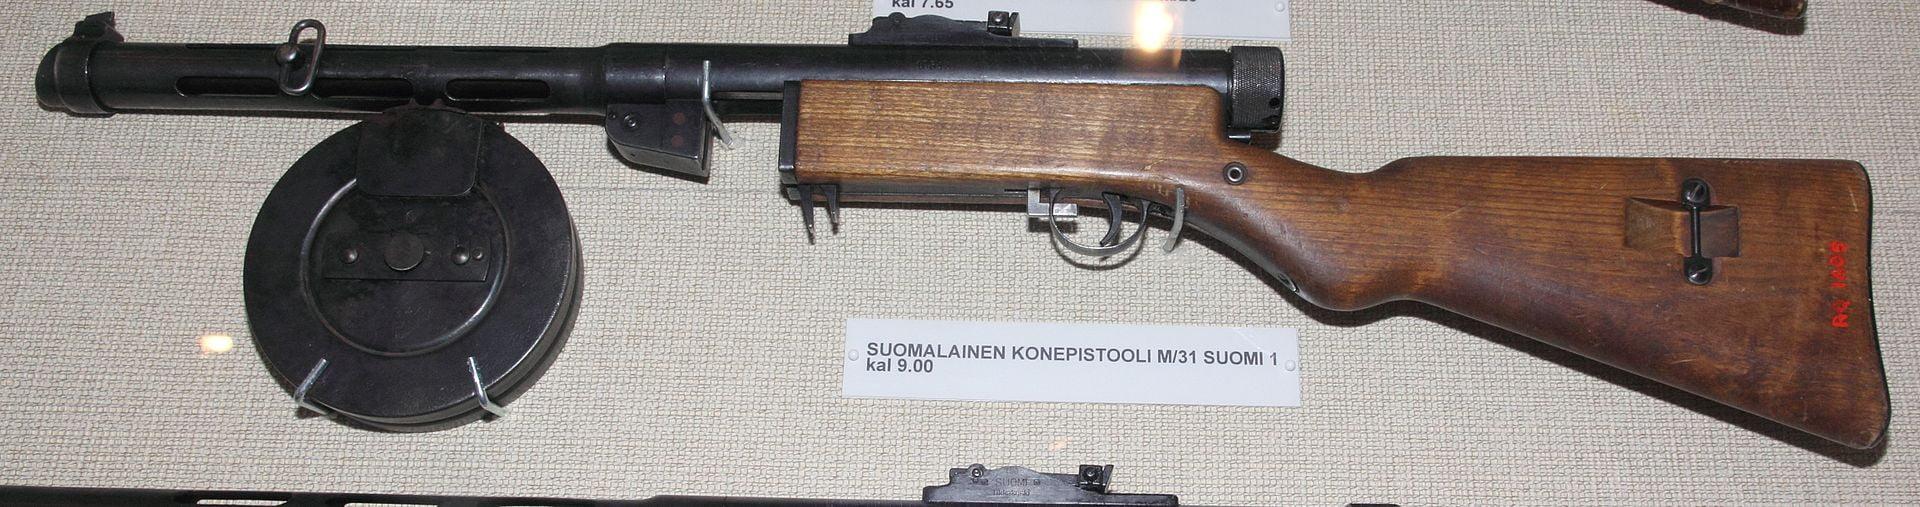 Suomi-konepistooli Imatran rajamuseossa.